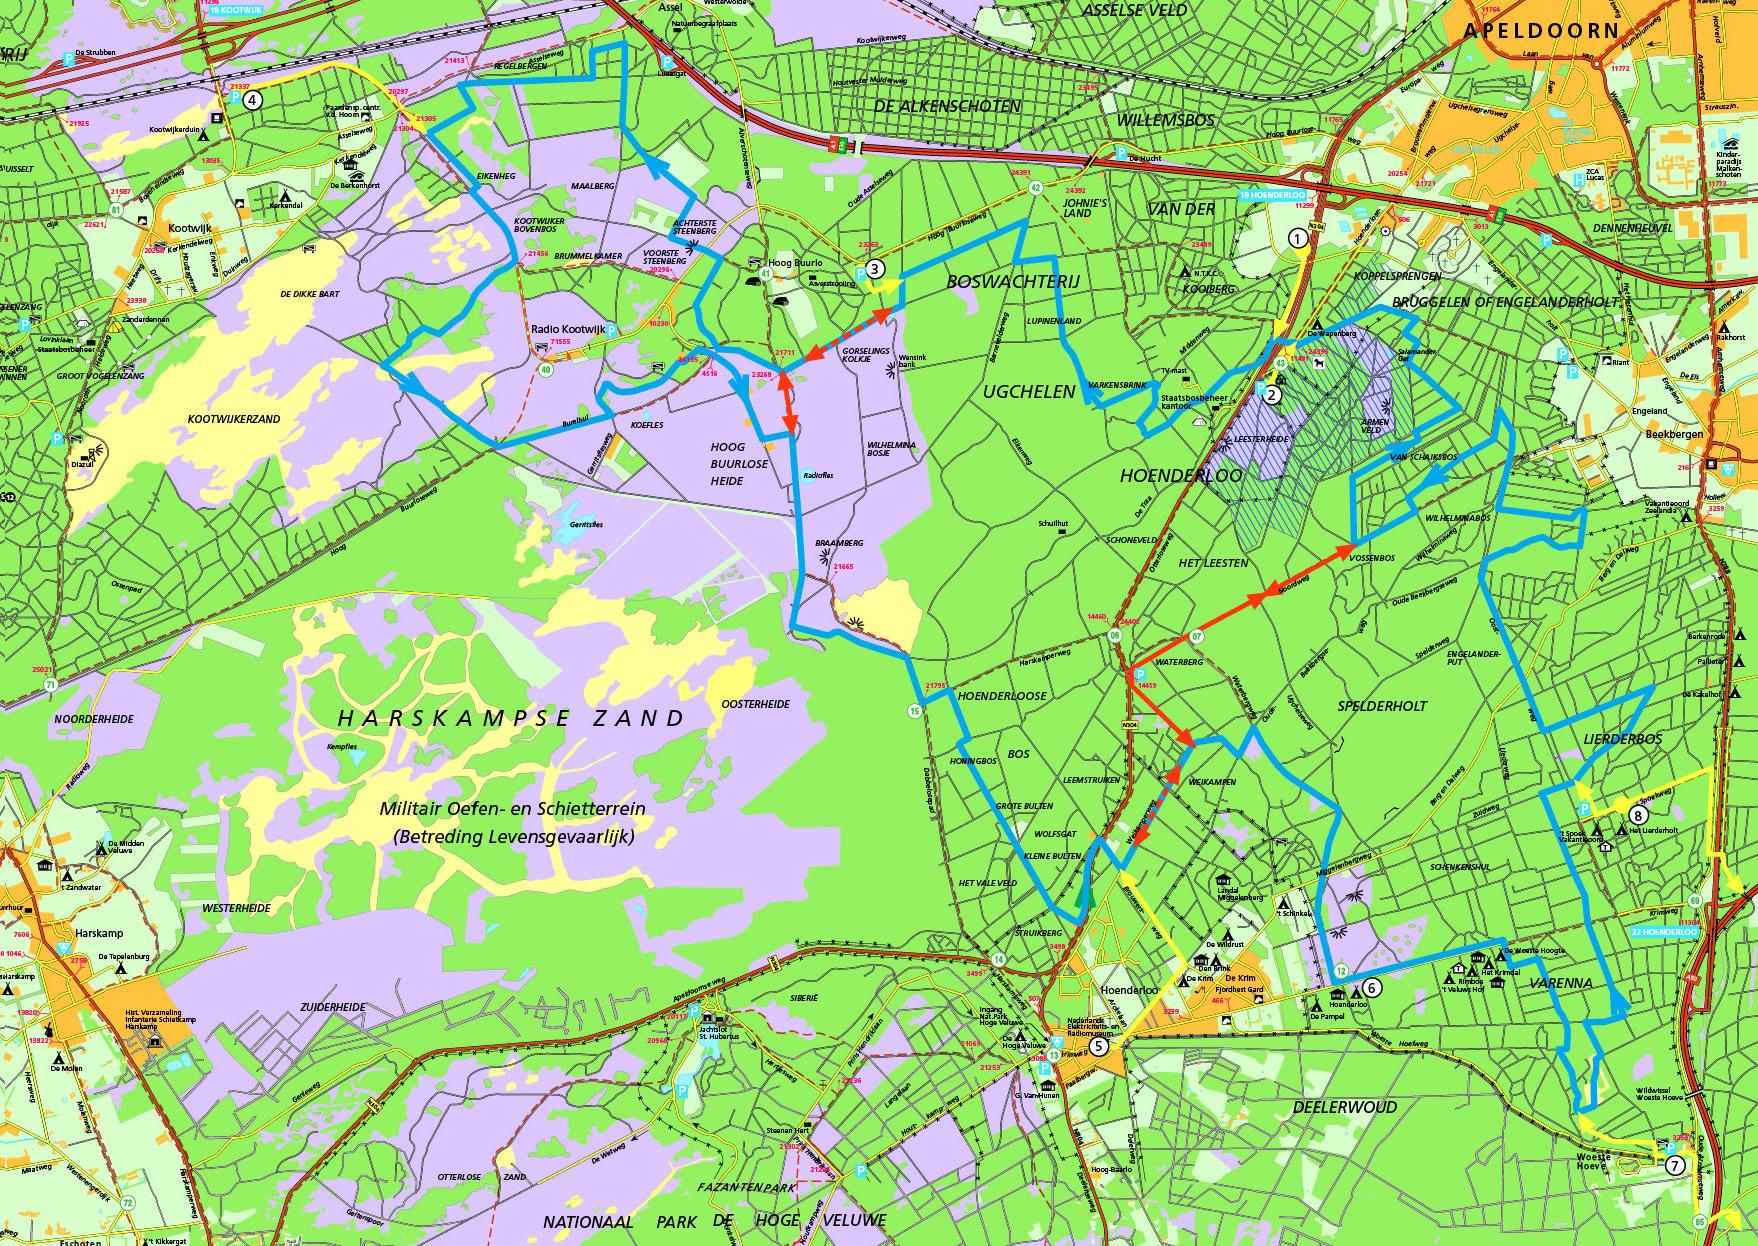 Overzichtskaart van de nieuwe MTB route, met meerdere lussen